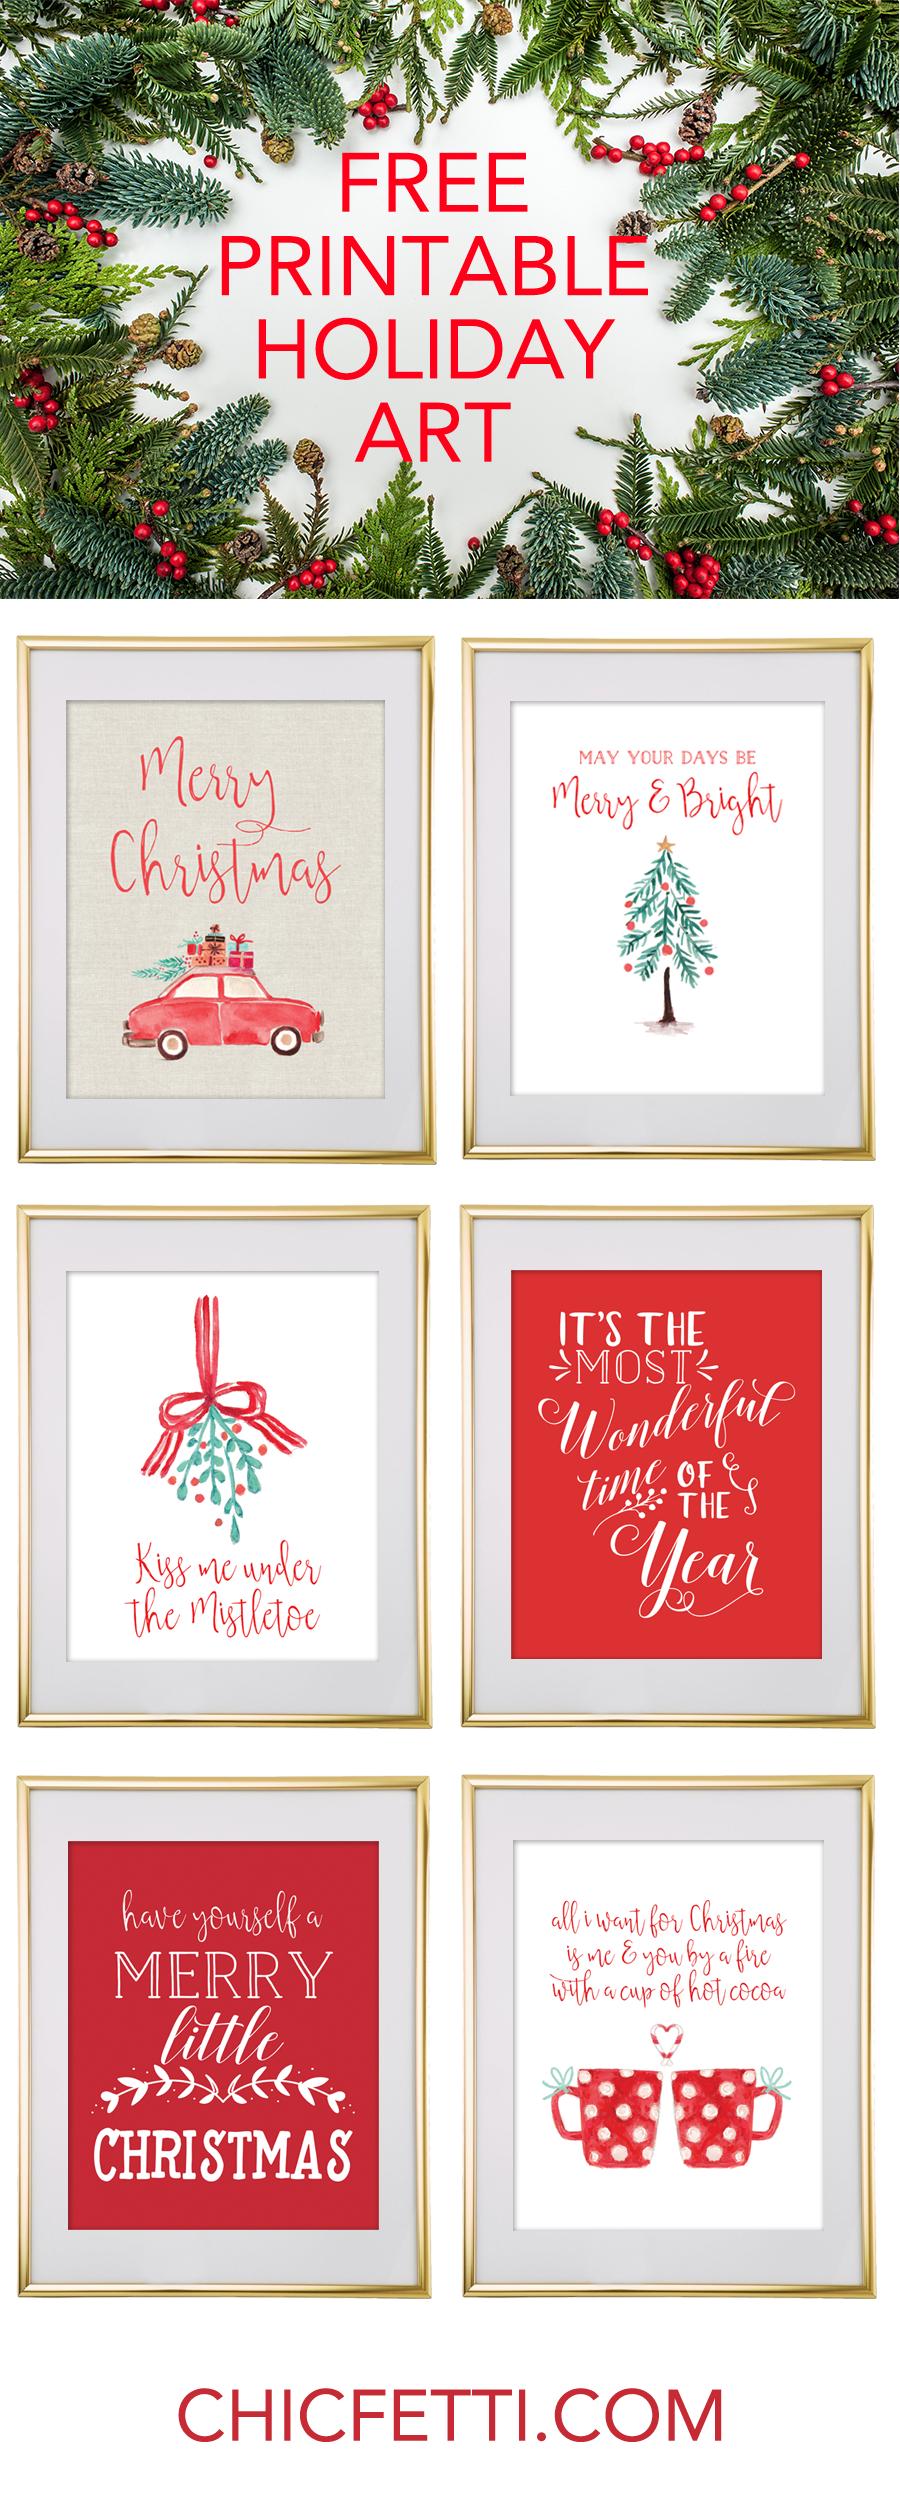 Christmas Free Printable Wall Art - Download Free Christmas Art - Free Printable Christmas Decorations